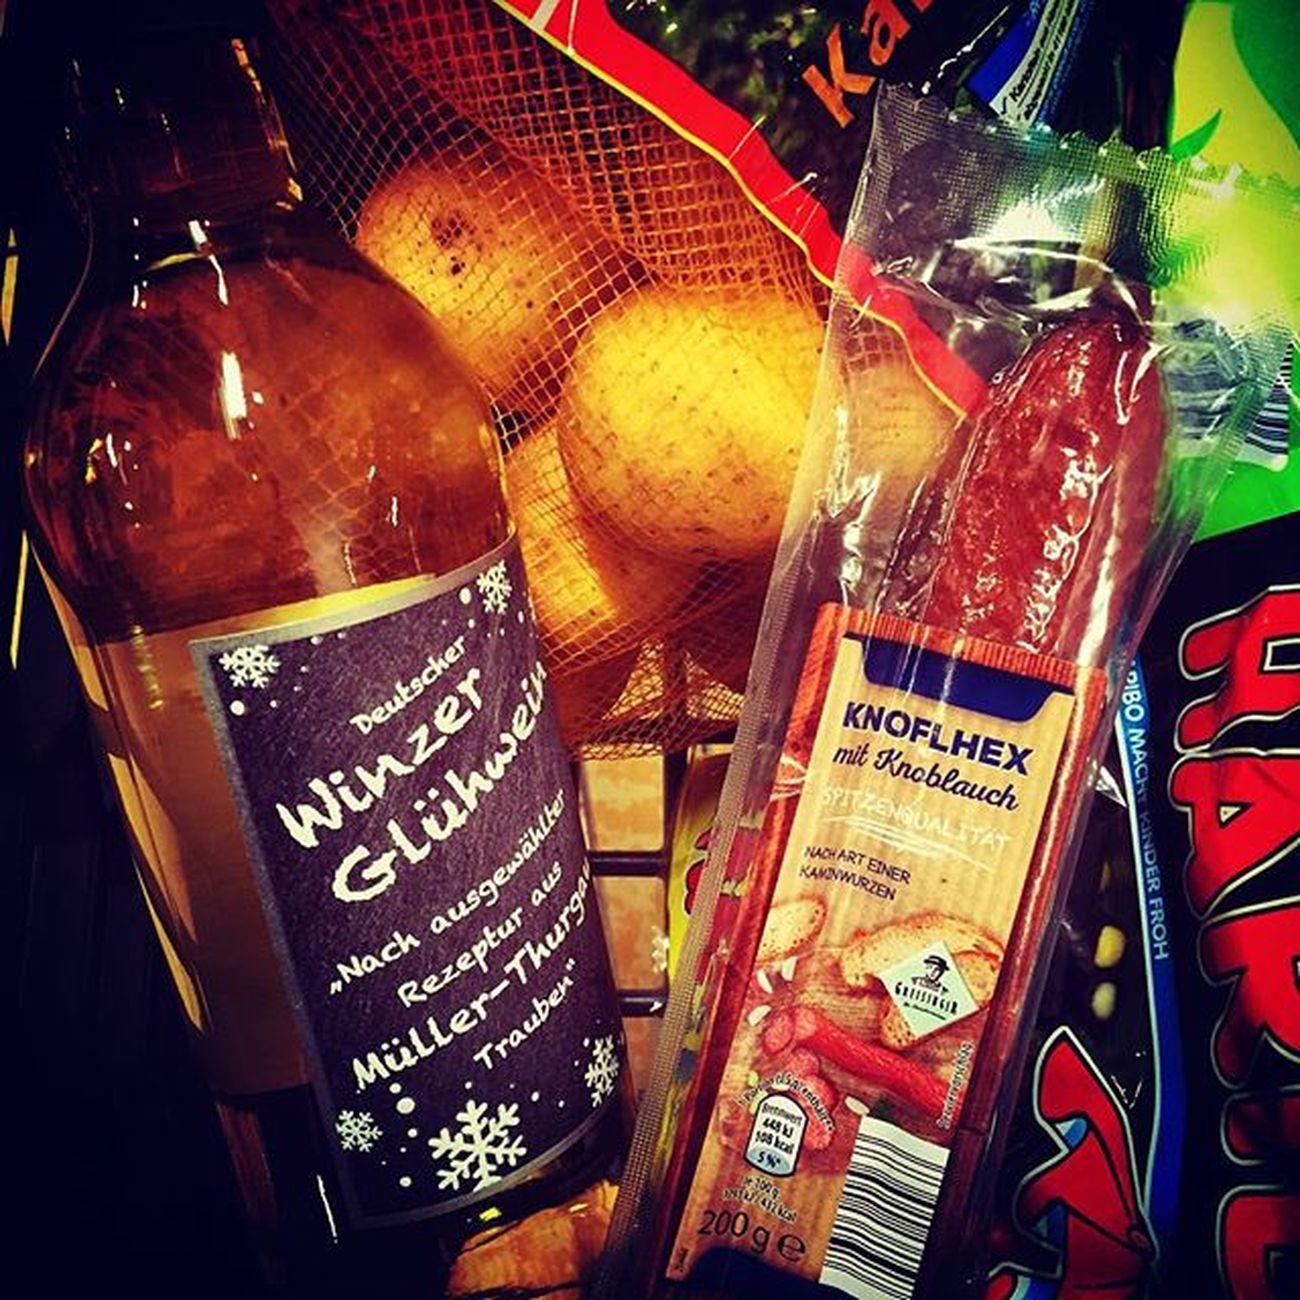 Knoflhex Winzer Wein Glühwein Glüh Kartoffeln Haribo Lakritz Birnen Aldisüd Aldi Guten Dinge